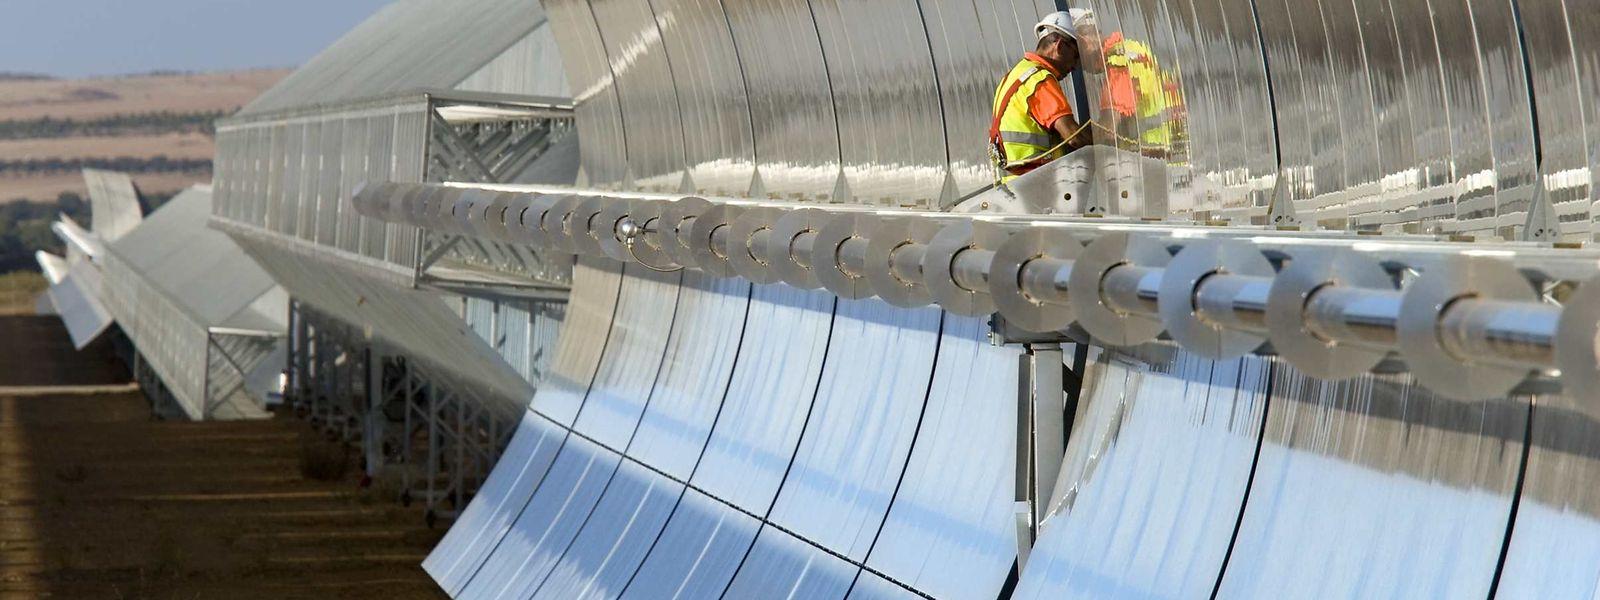 Le nombre de centrales photovoltaïques a augmenté de 60% au Luxembourg, entre 2013 et 2018.